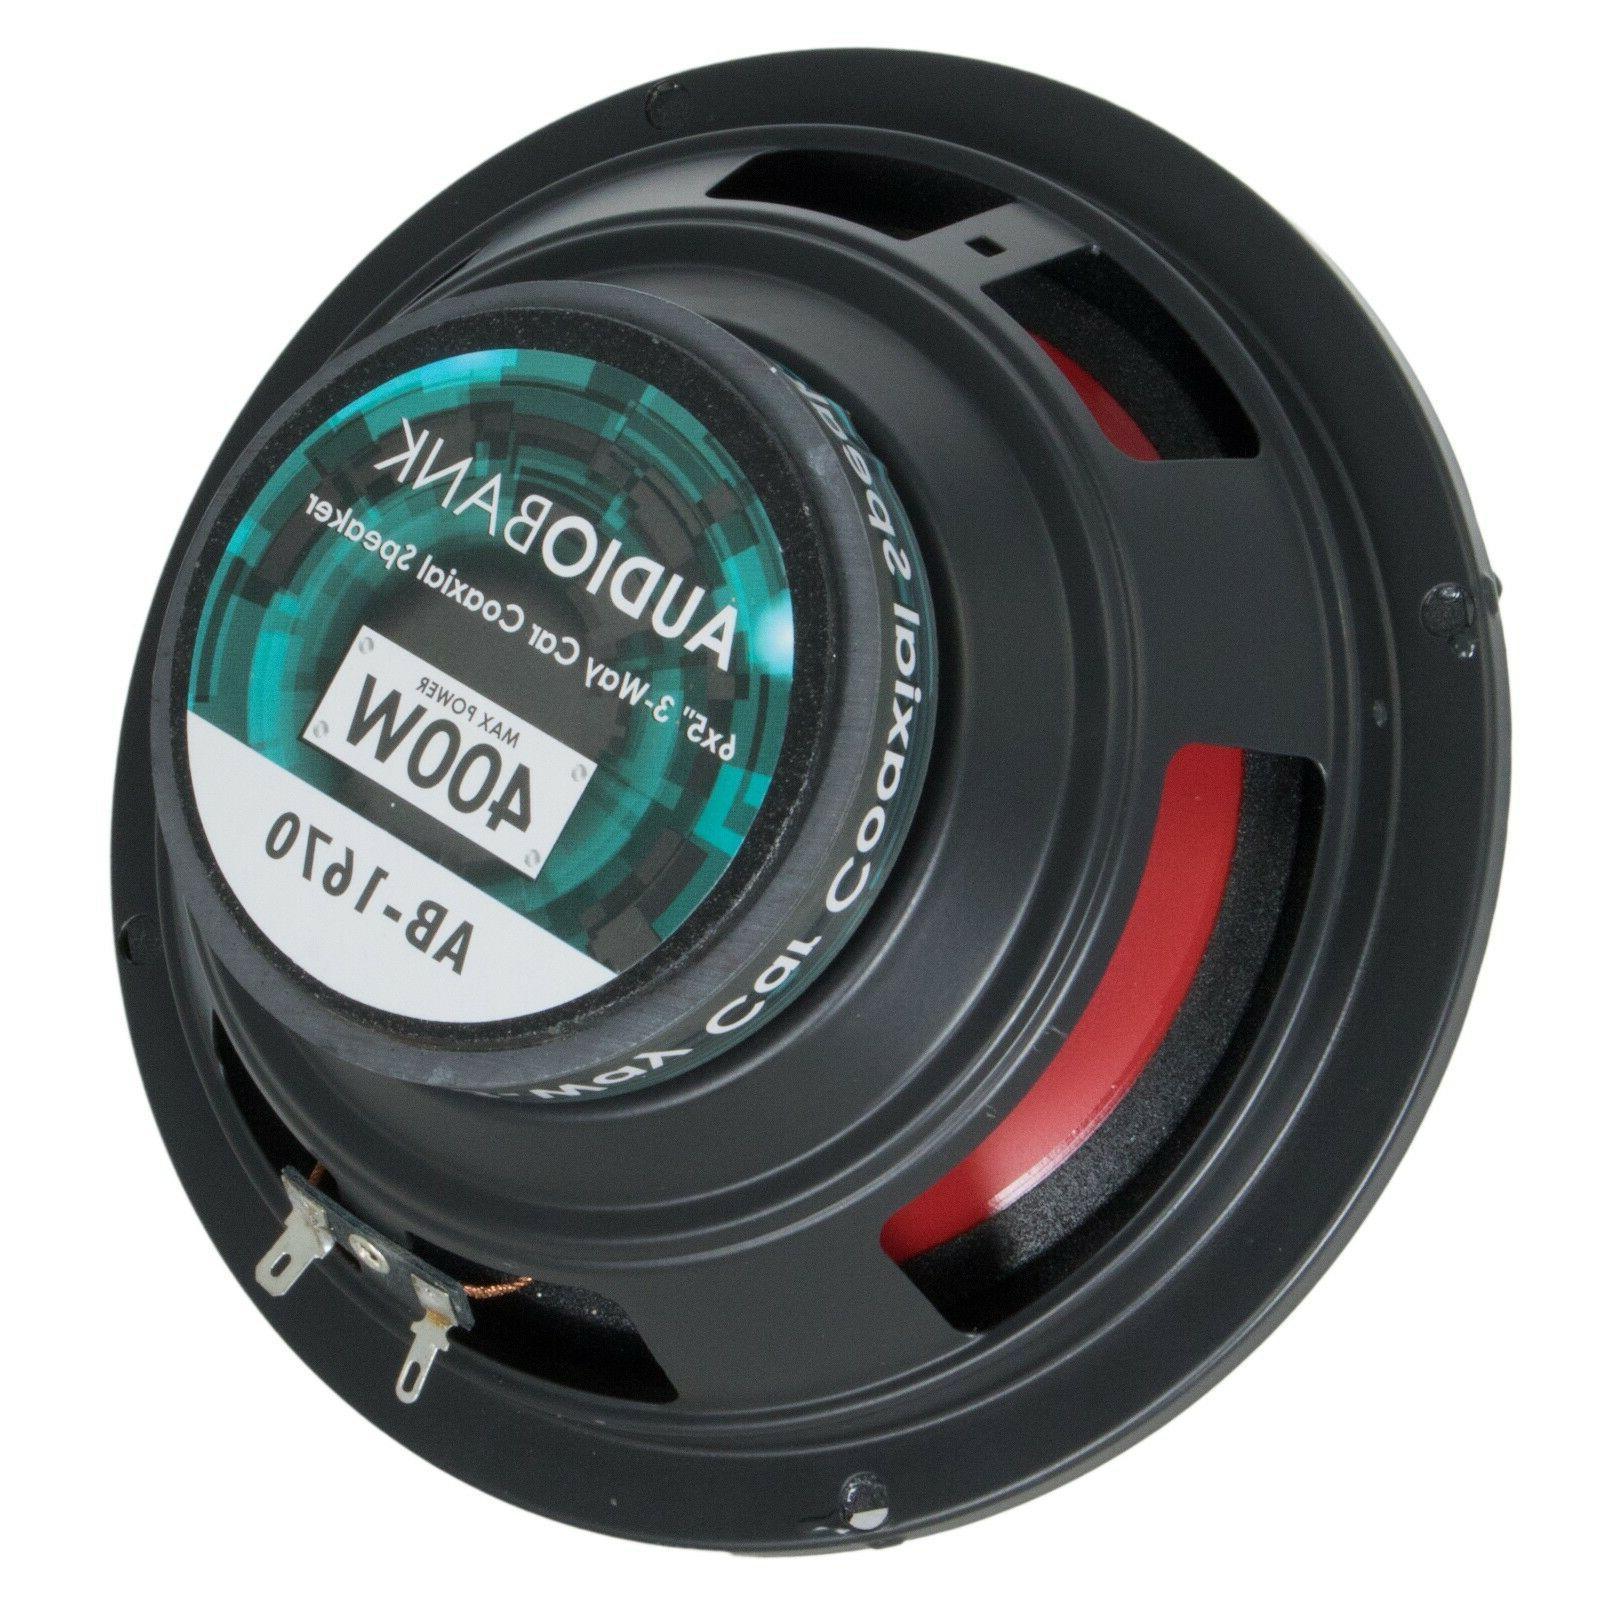 Audiotek 400 Watts Audio Stereo Speakers -